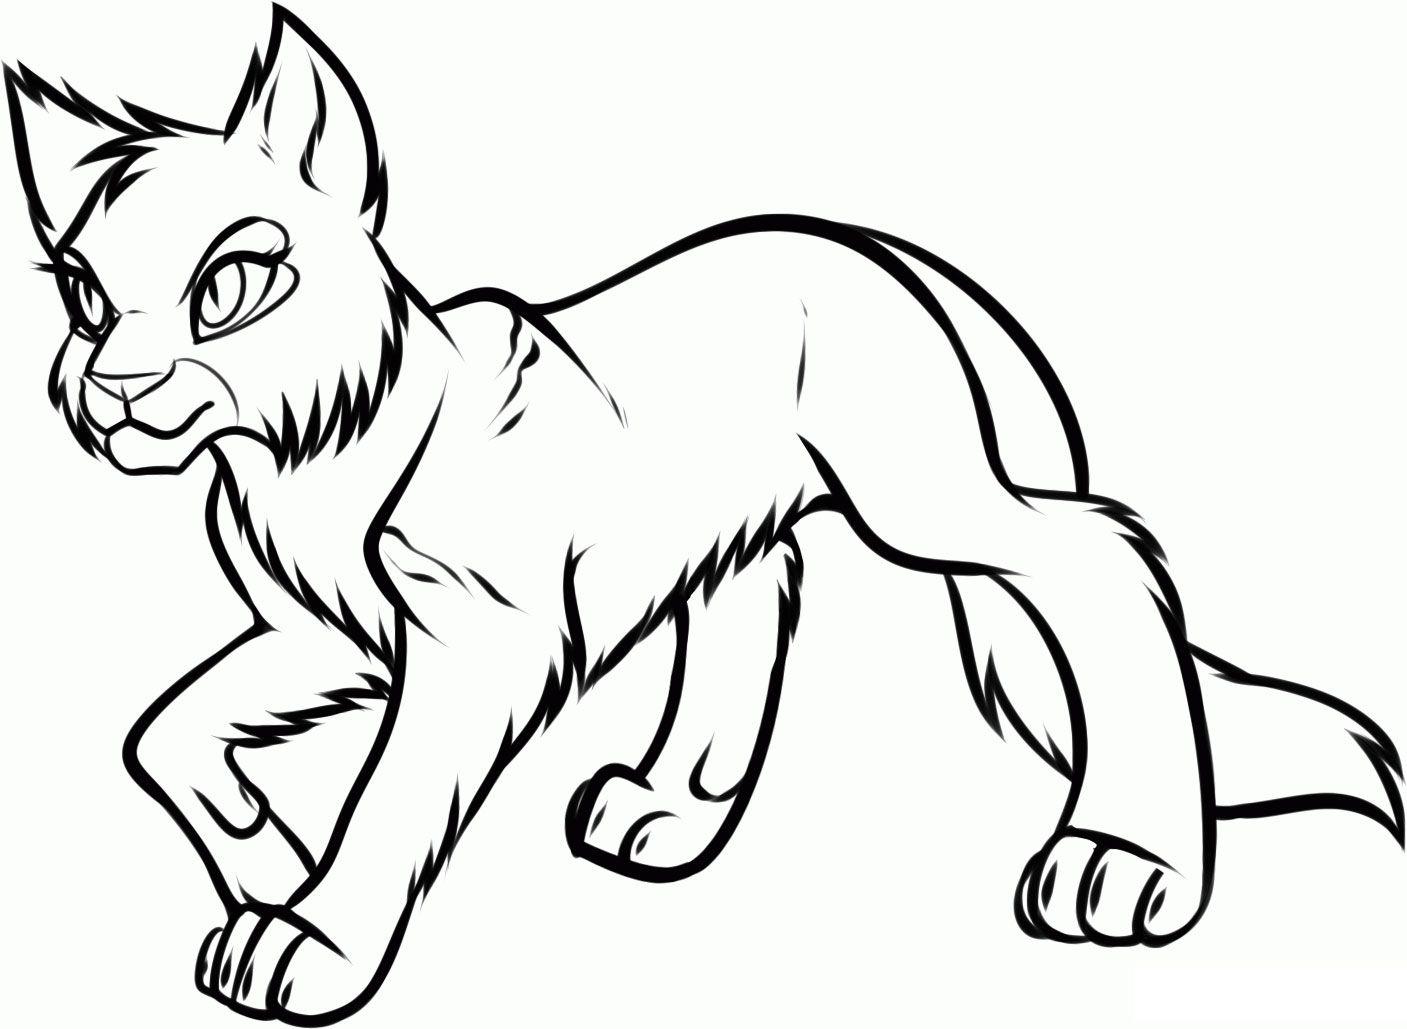 Katzen Ausmalbilder Warrior Cats : Free Cat Coloring Pages Http Procoloring Com Cat Coloring Pages